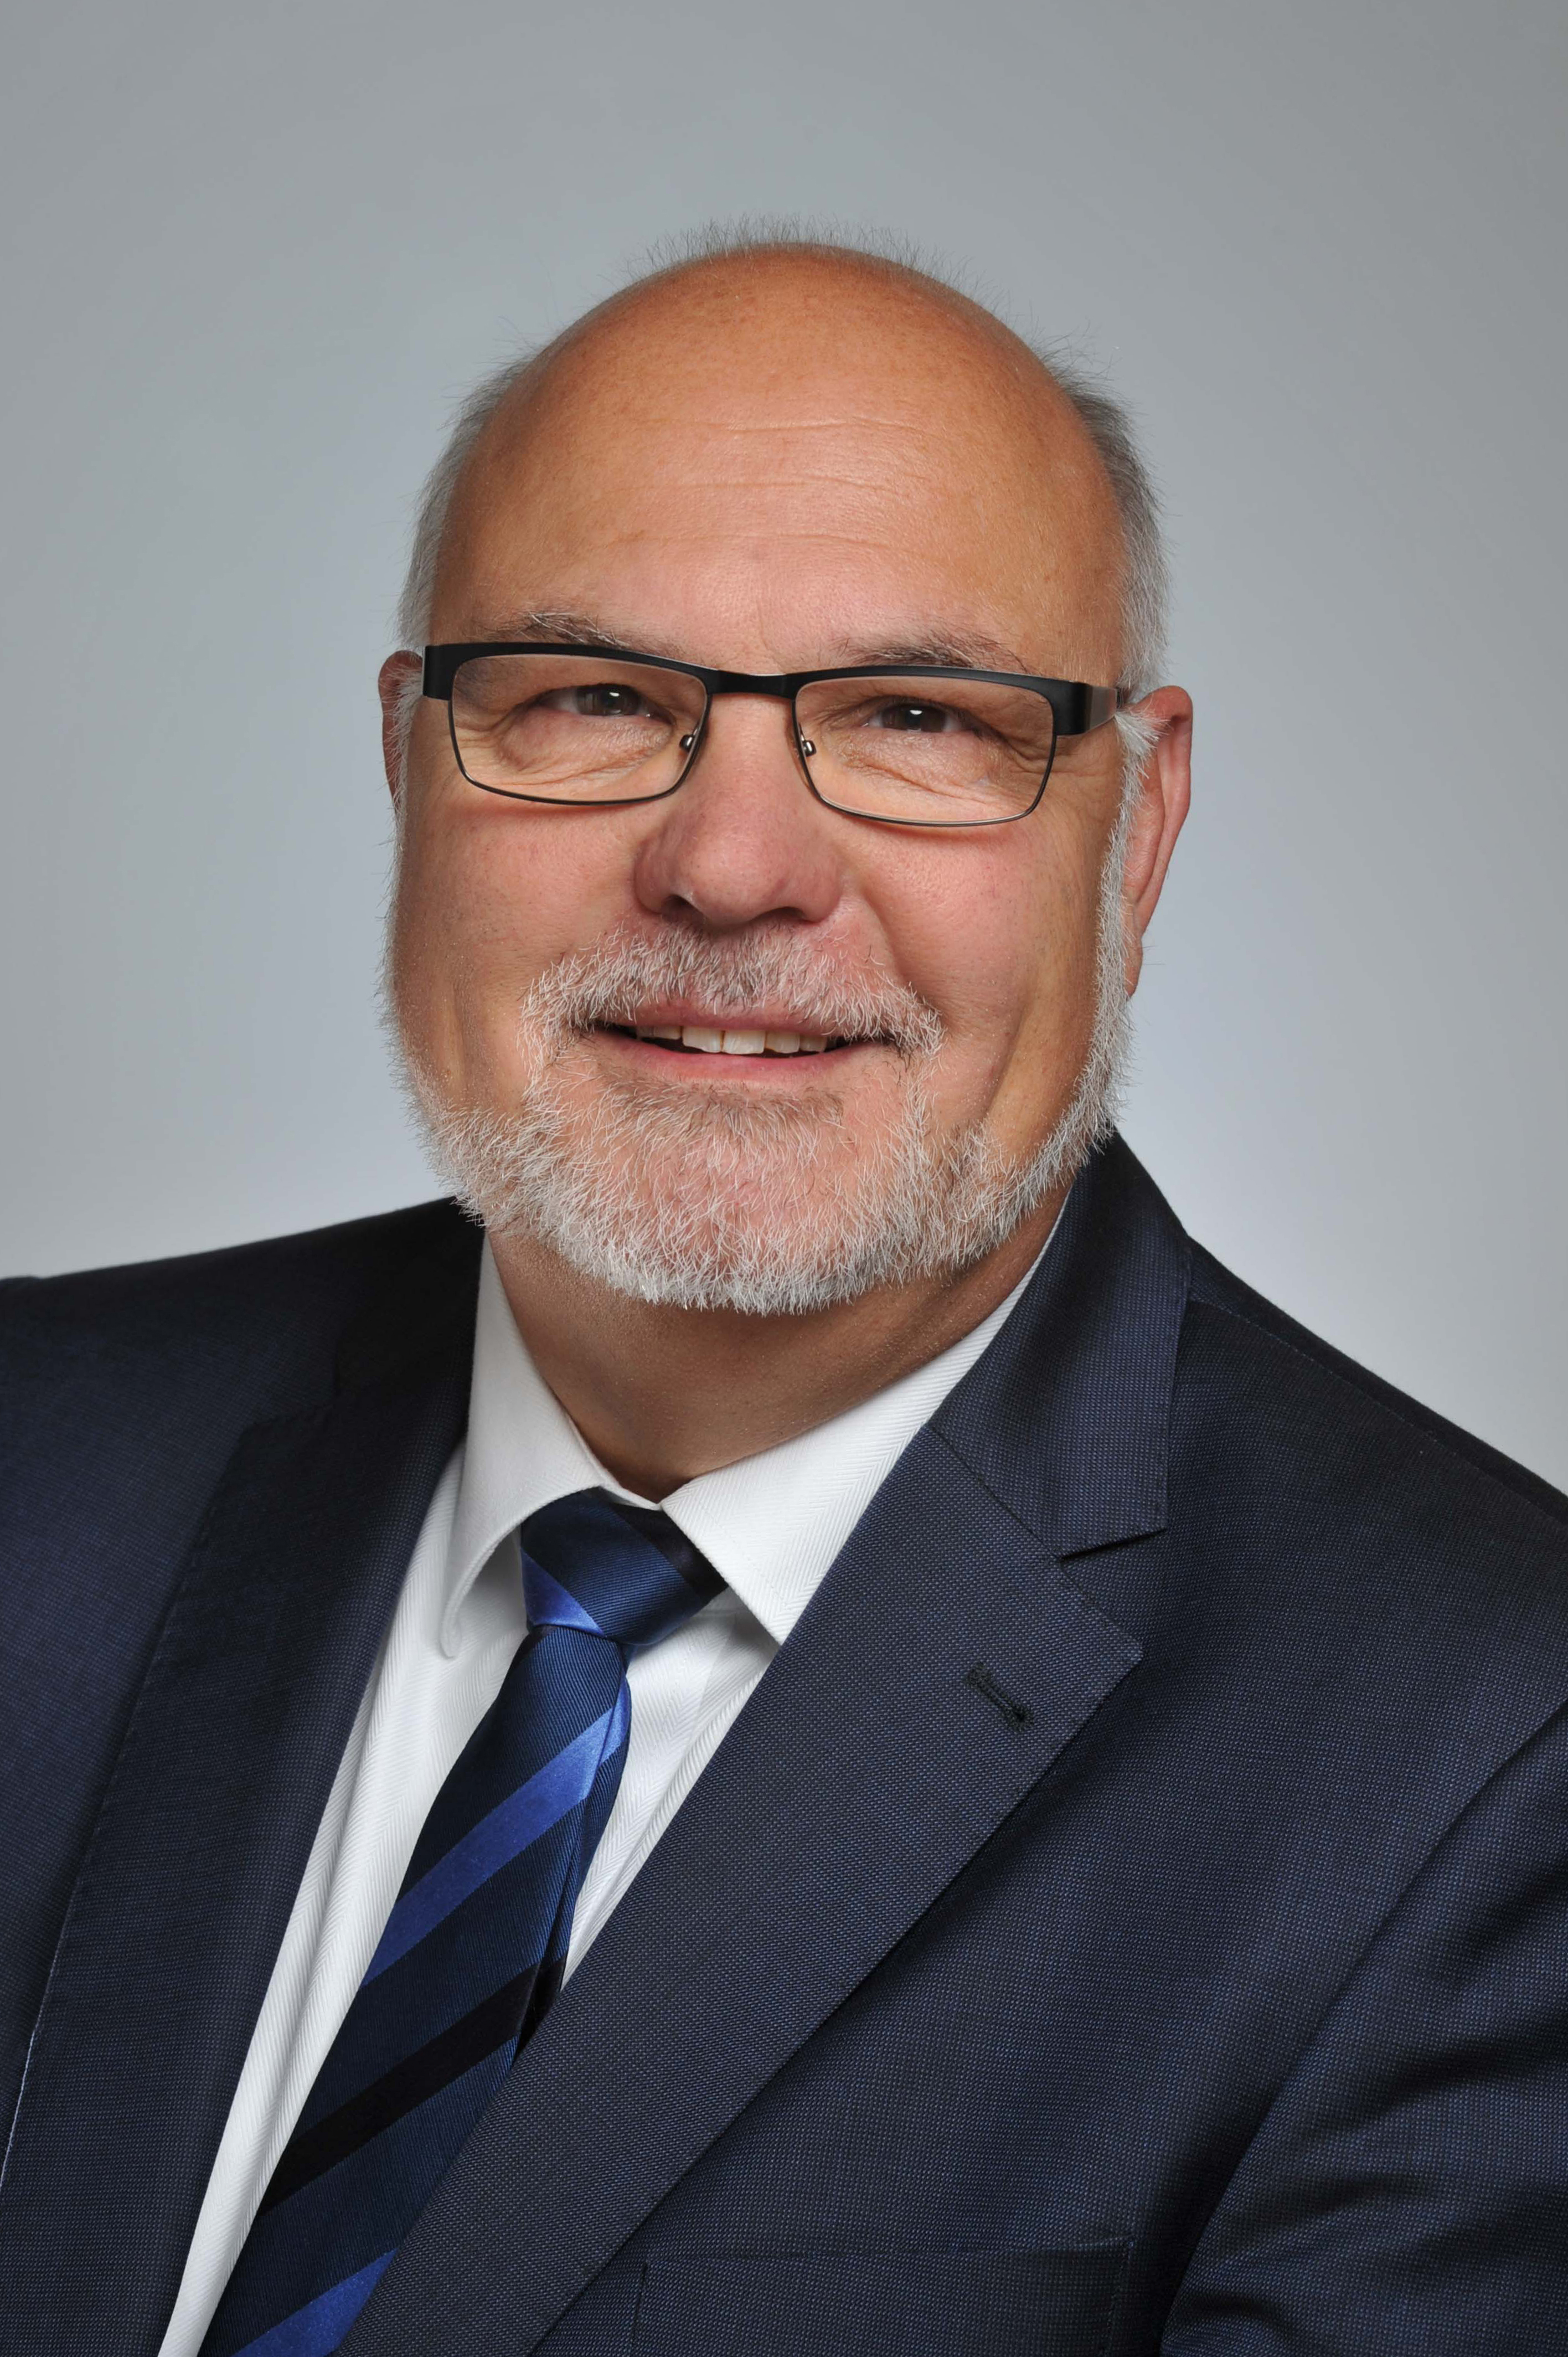 Erster Beigeordneter Jürgen Katz